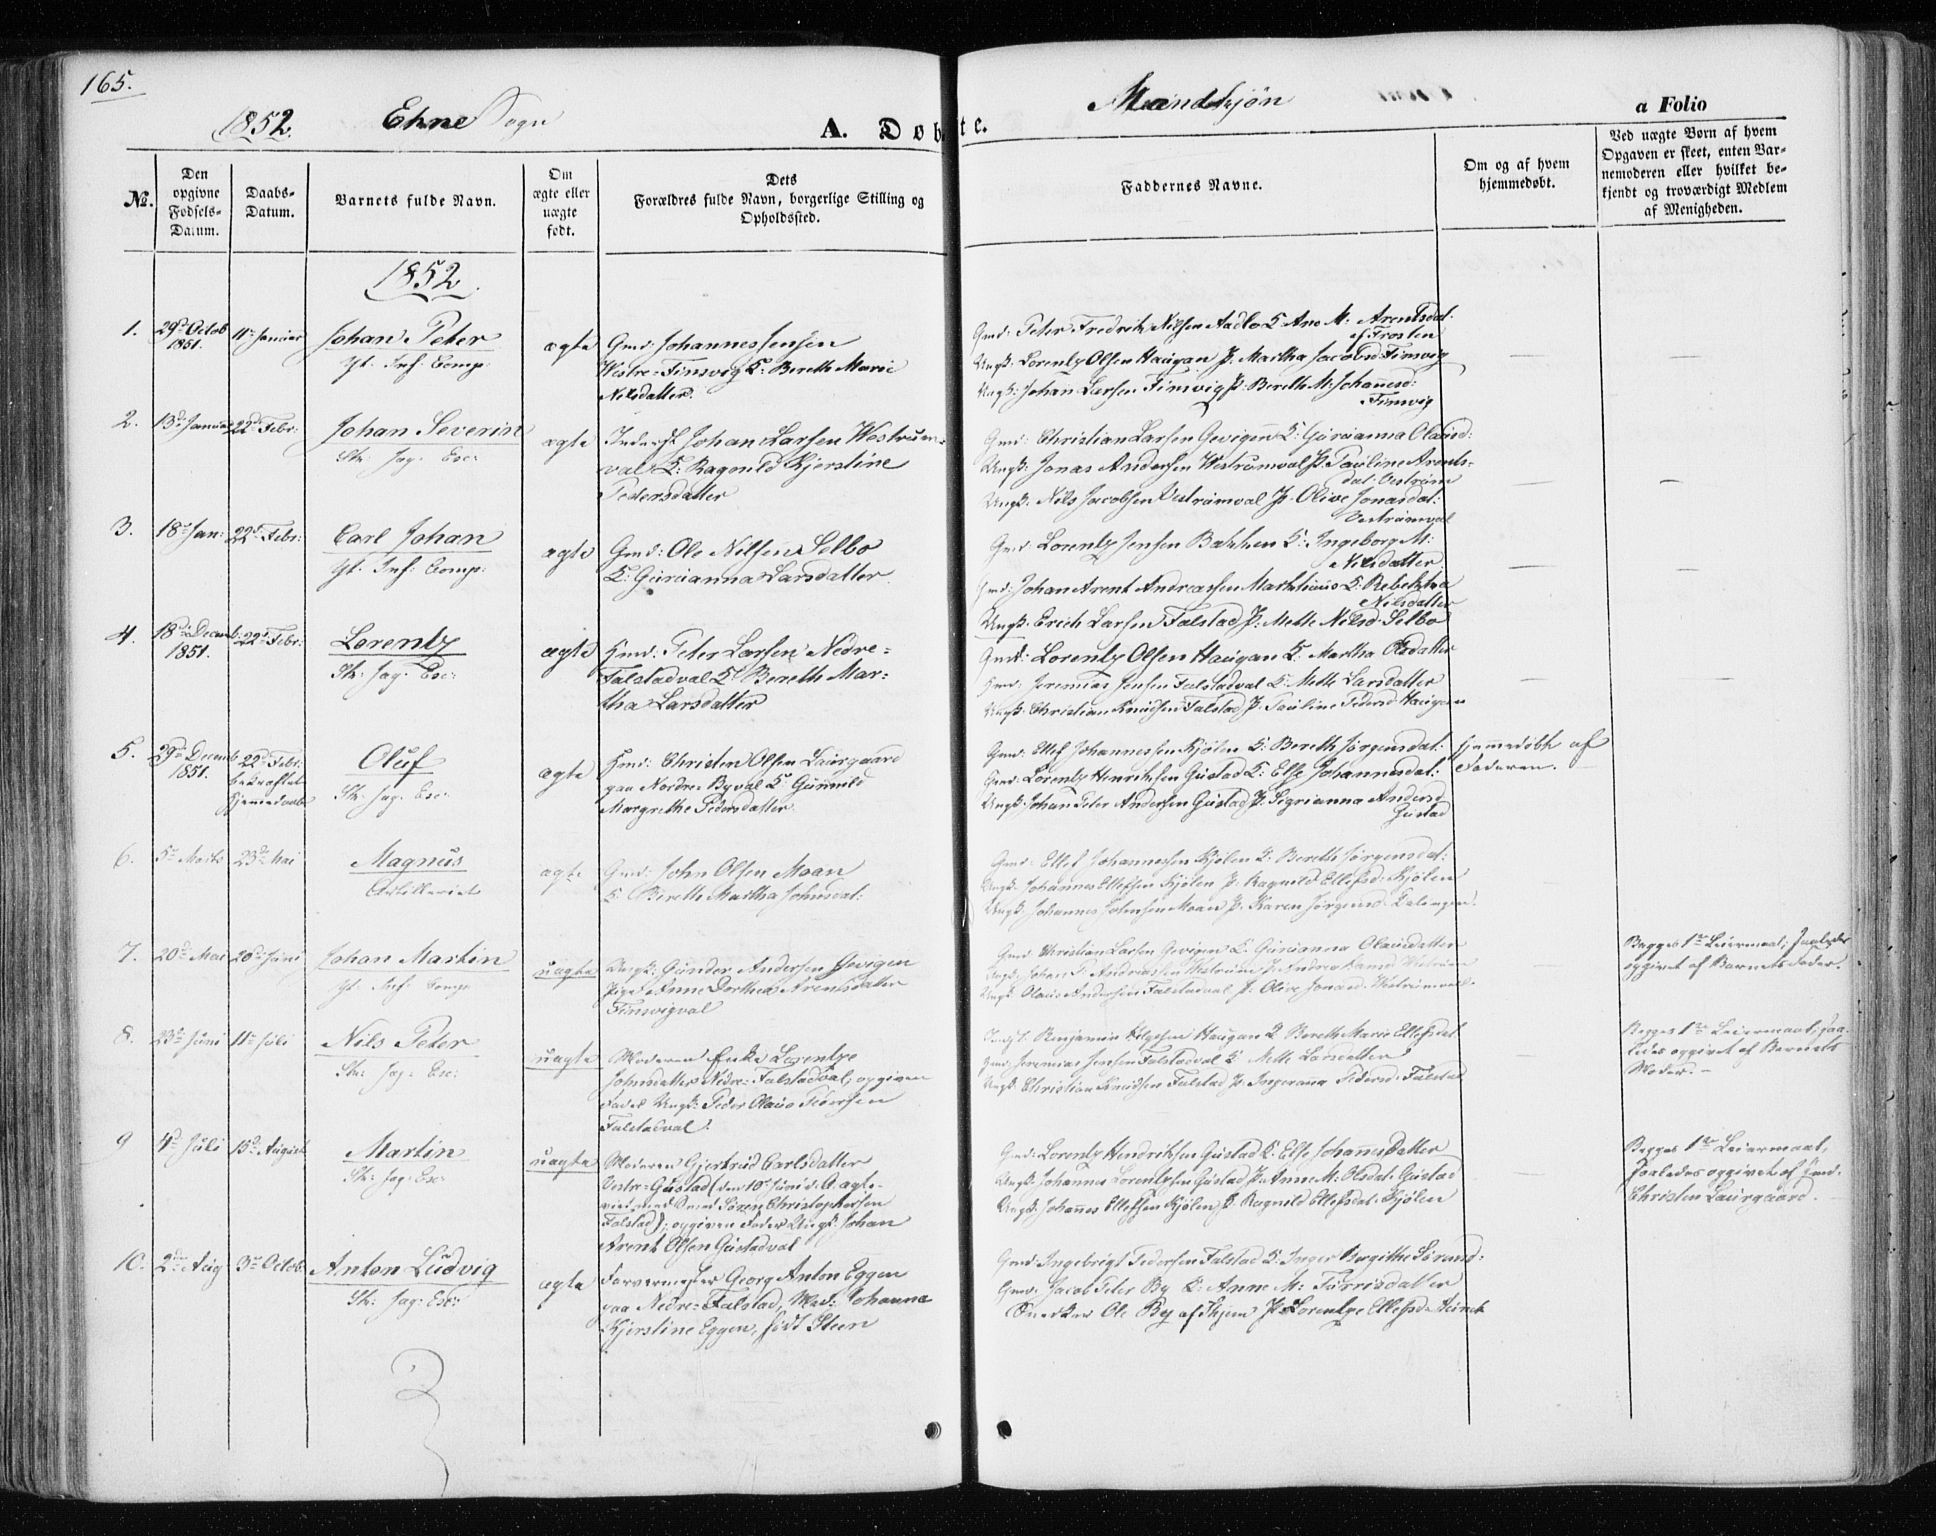 SAT, Ministerialprotokoller, klokkerbøker og fødselsregistre - Nord-Trøndelag, 717/L0154: Ministerialbok nr. 717A07 /3, 1850-1862, s. 165